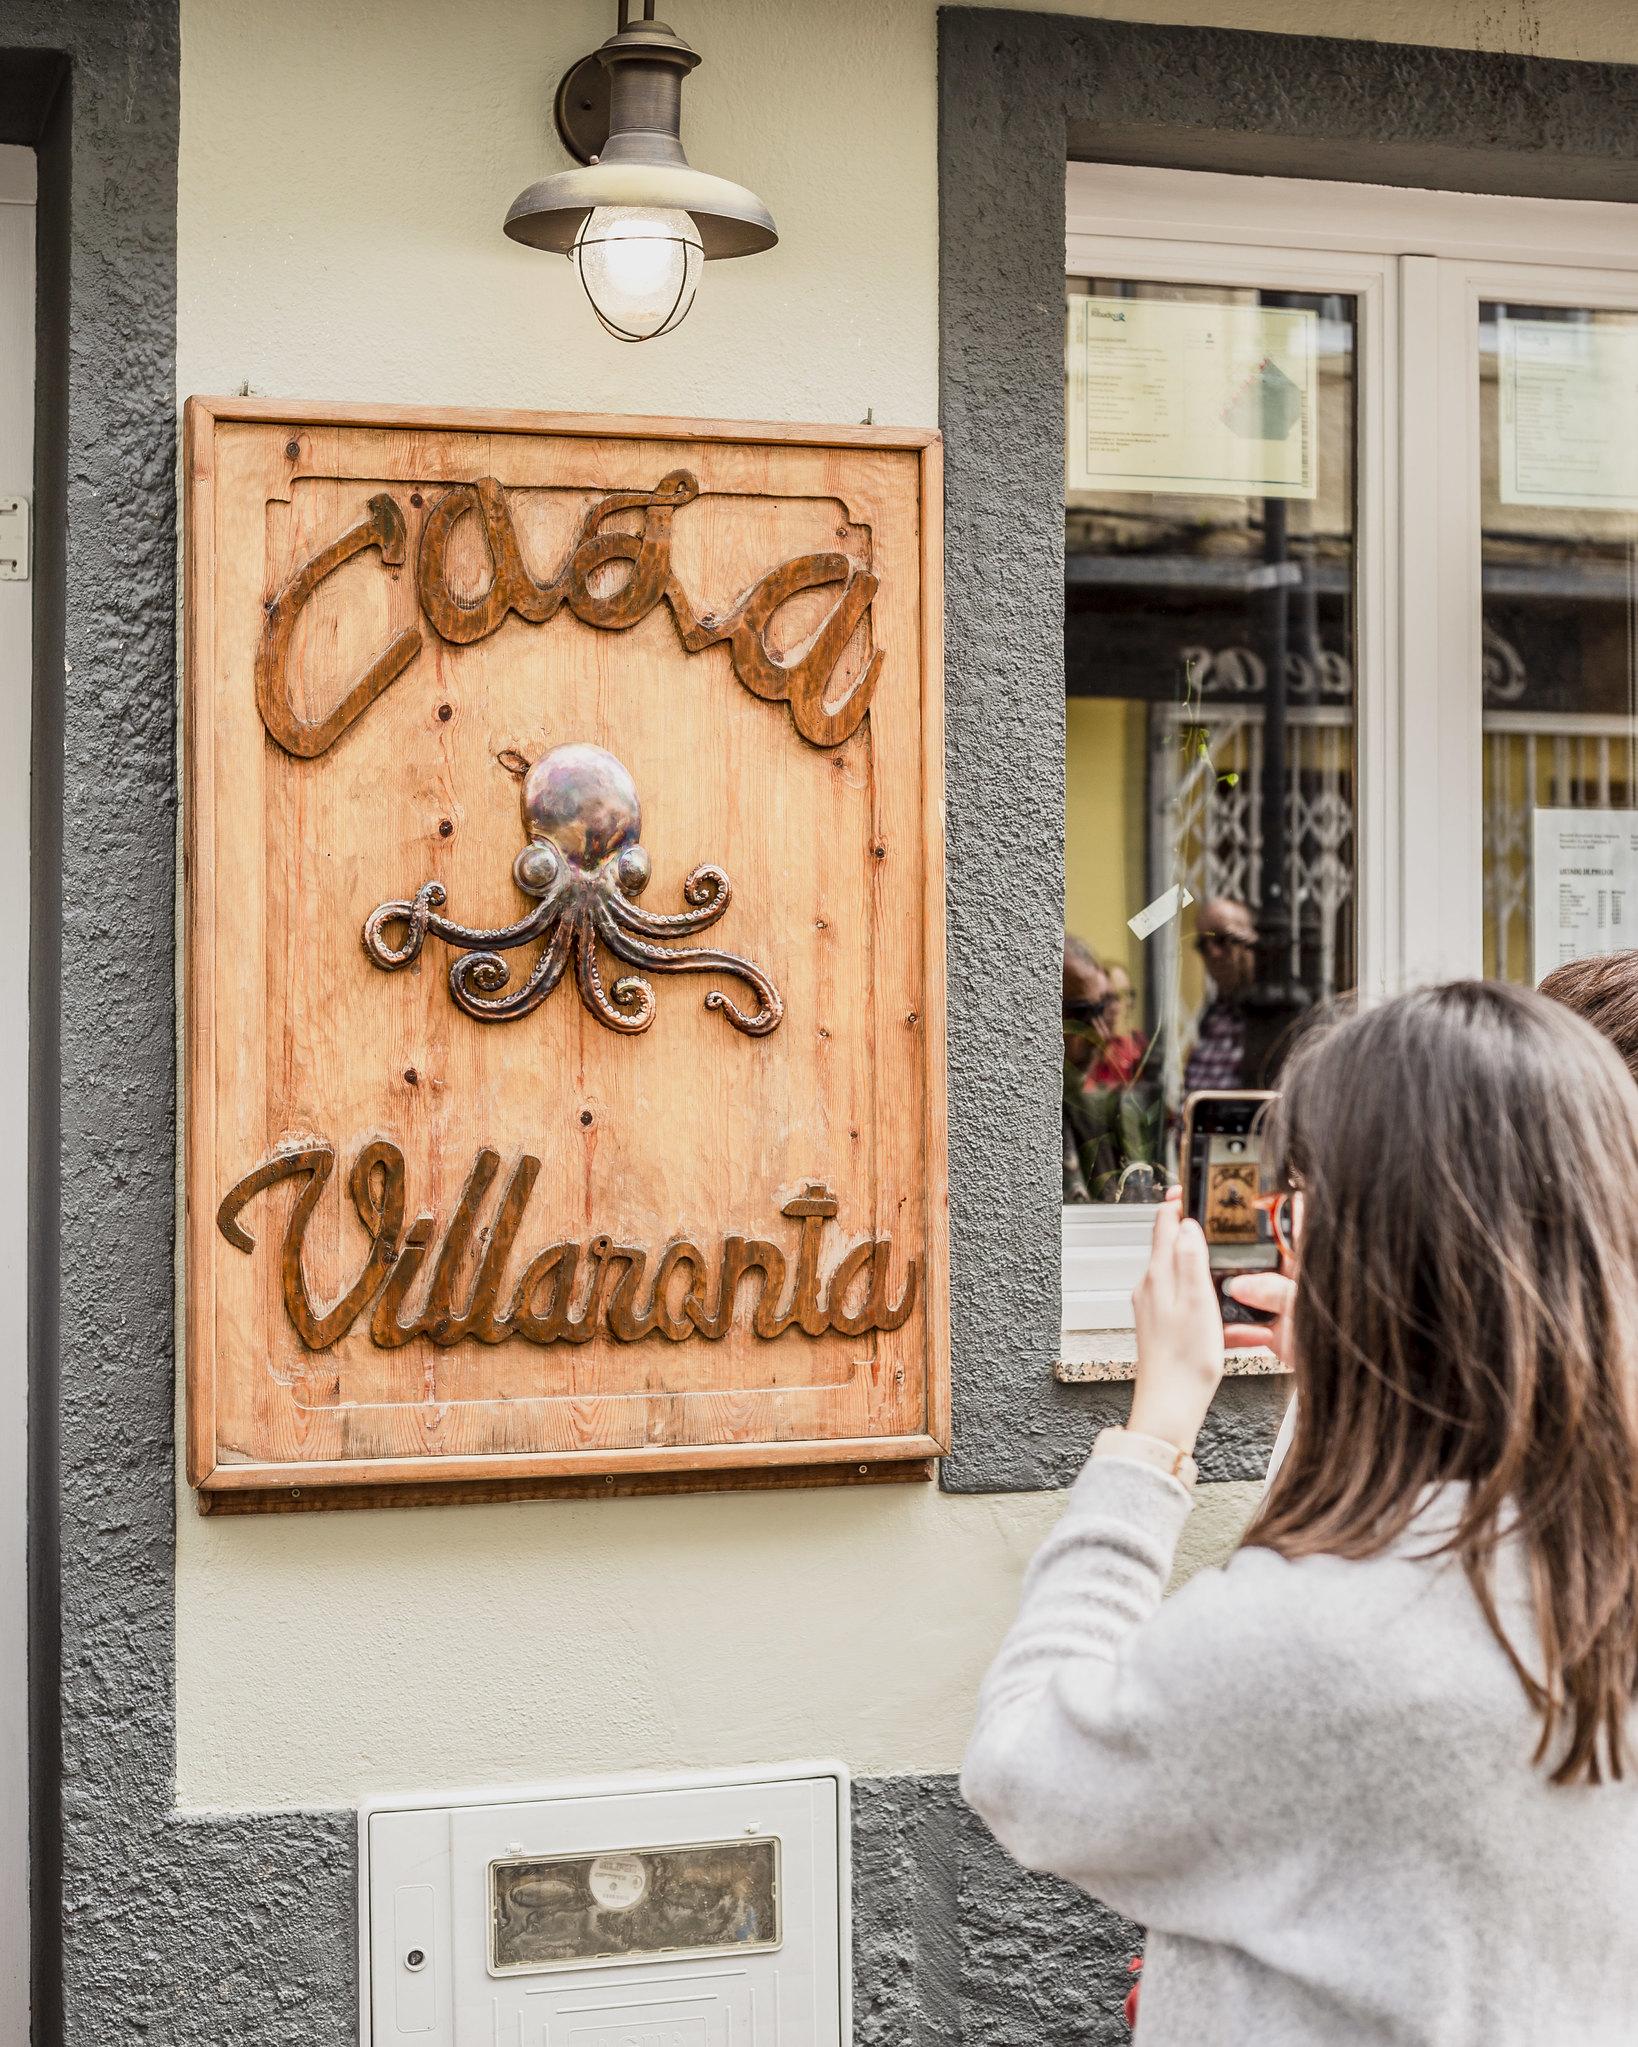 Casa Villaronta